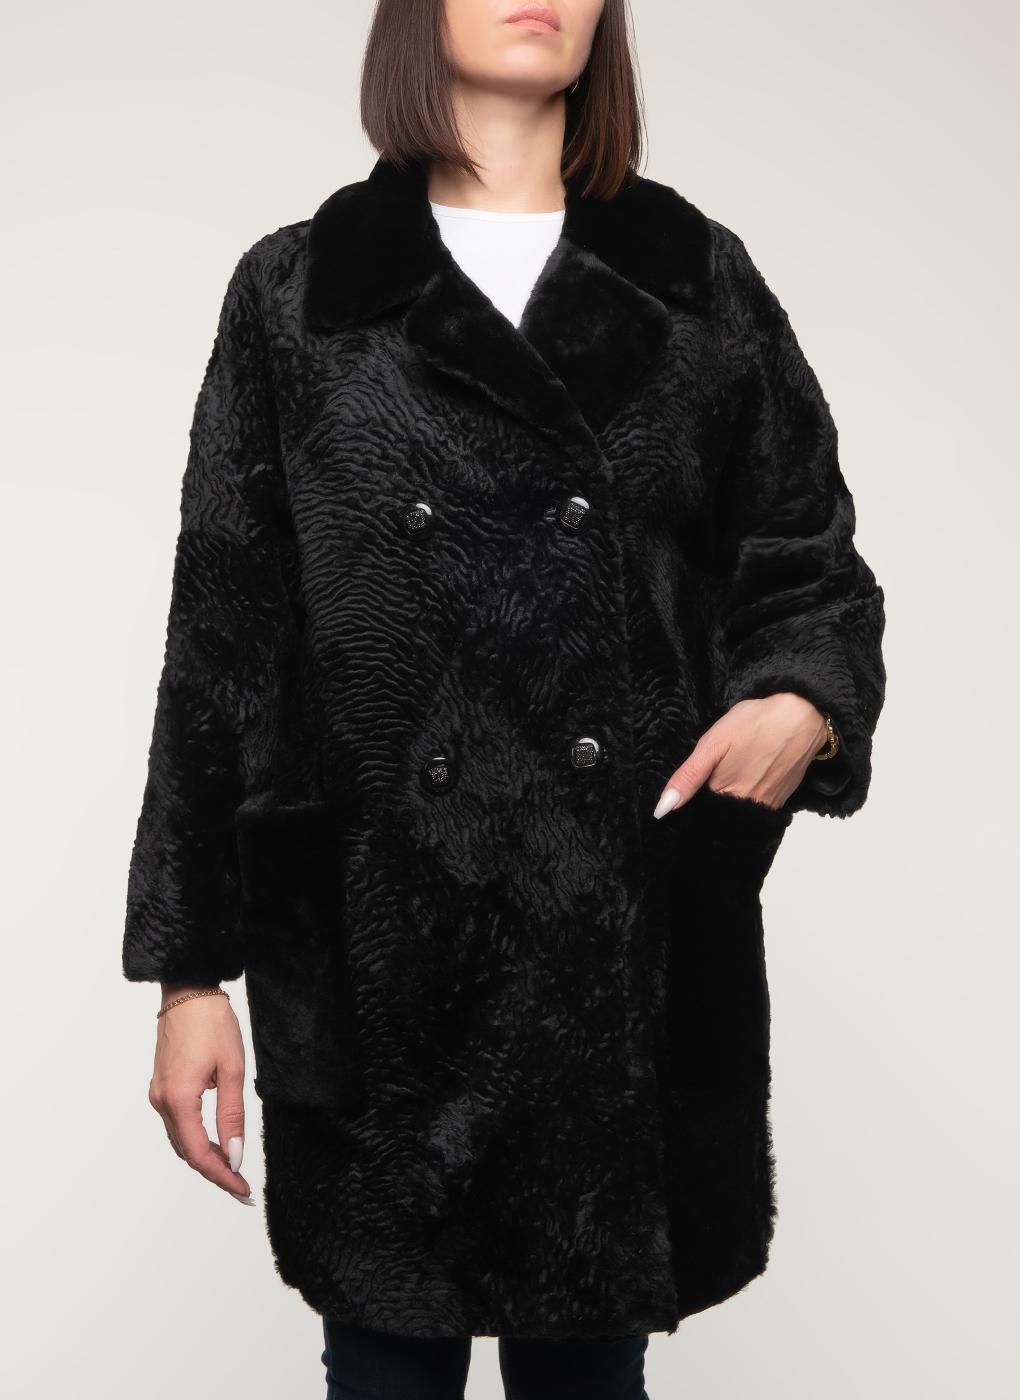 Пальто из овчины 08, FAVORIT фото